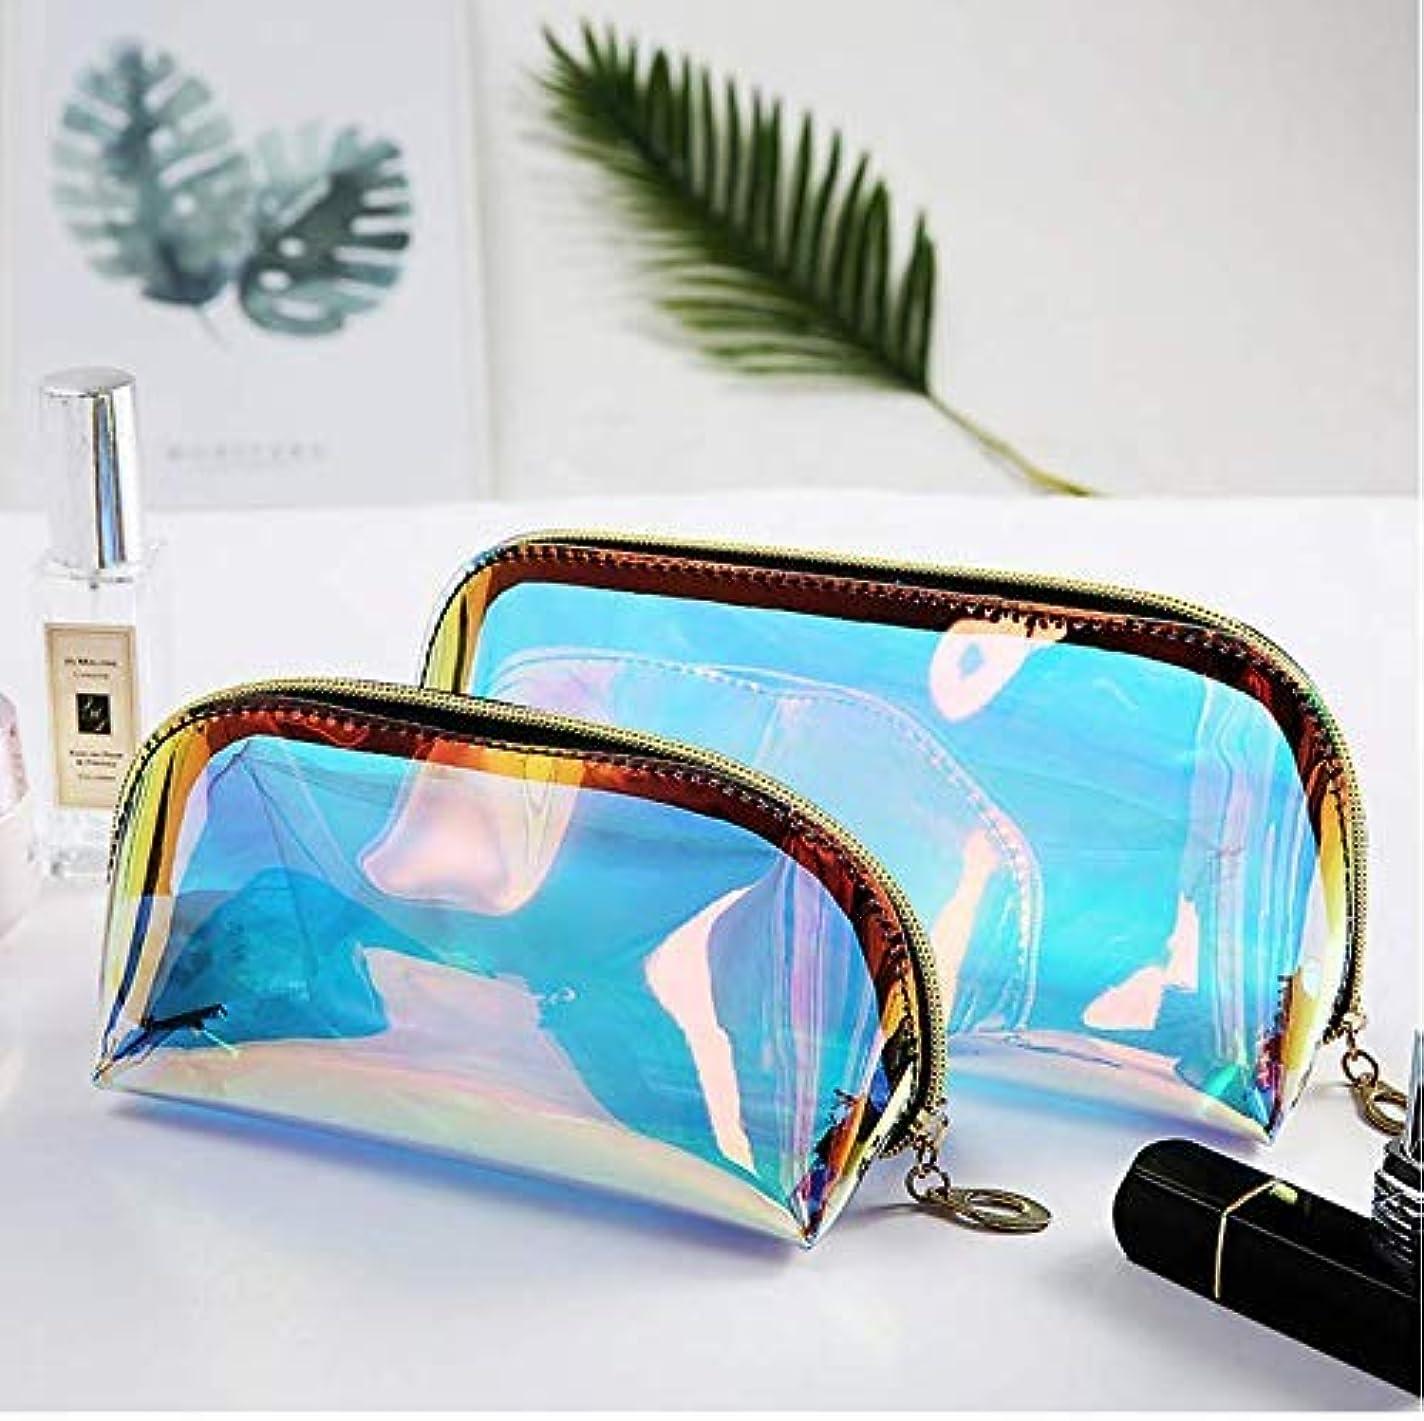 給料排気広大なYiTongの2つのホログラフィックメイクアップバッグ虹色の化粧品ケースホログラムクラッチトイレタリーポーチハンディオーガナイザー透明な女性のイブニングバッグ(大小)